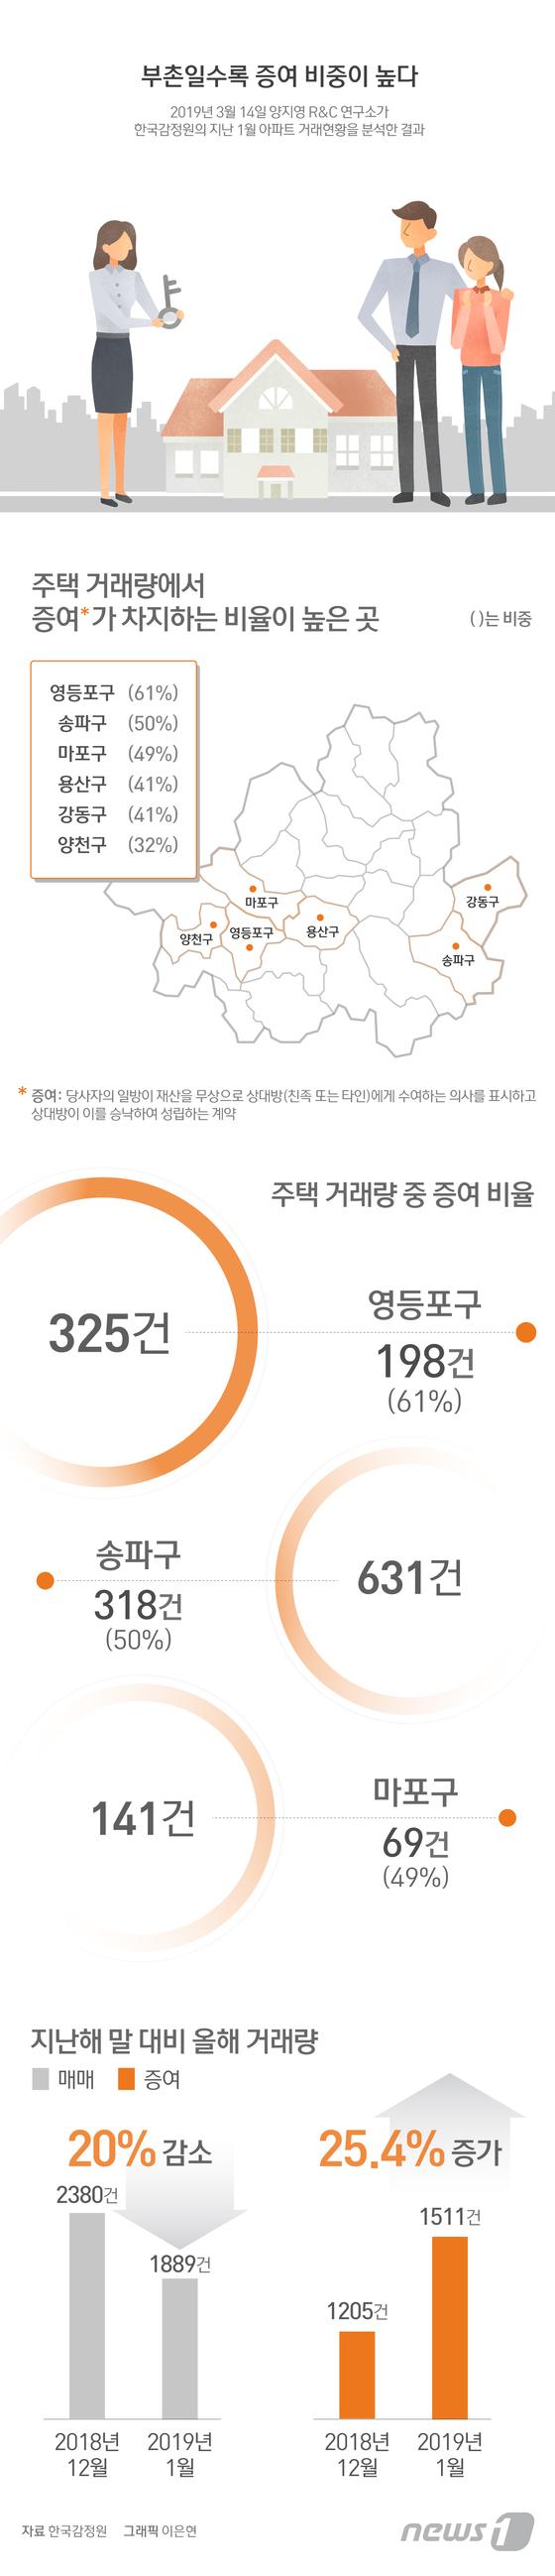 [그래픽뉴스] 부촌일수록 증여 비중이 높다